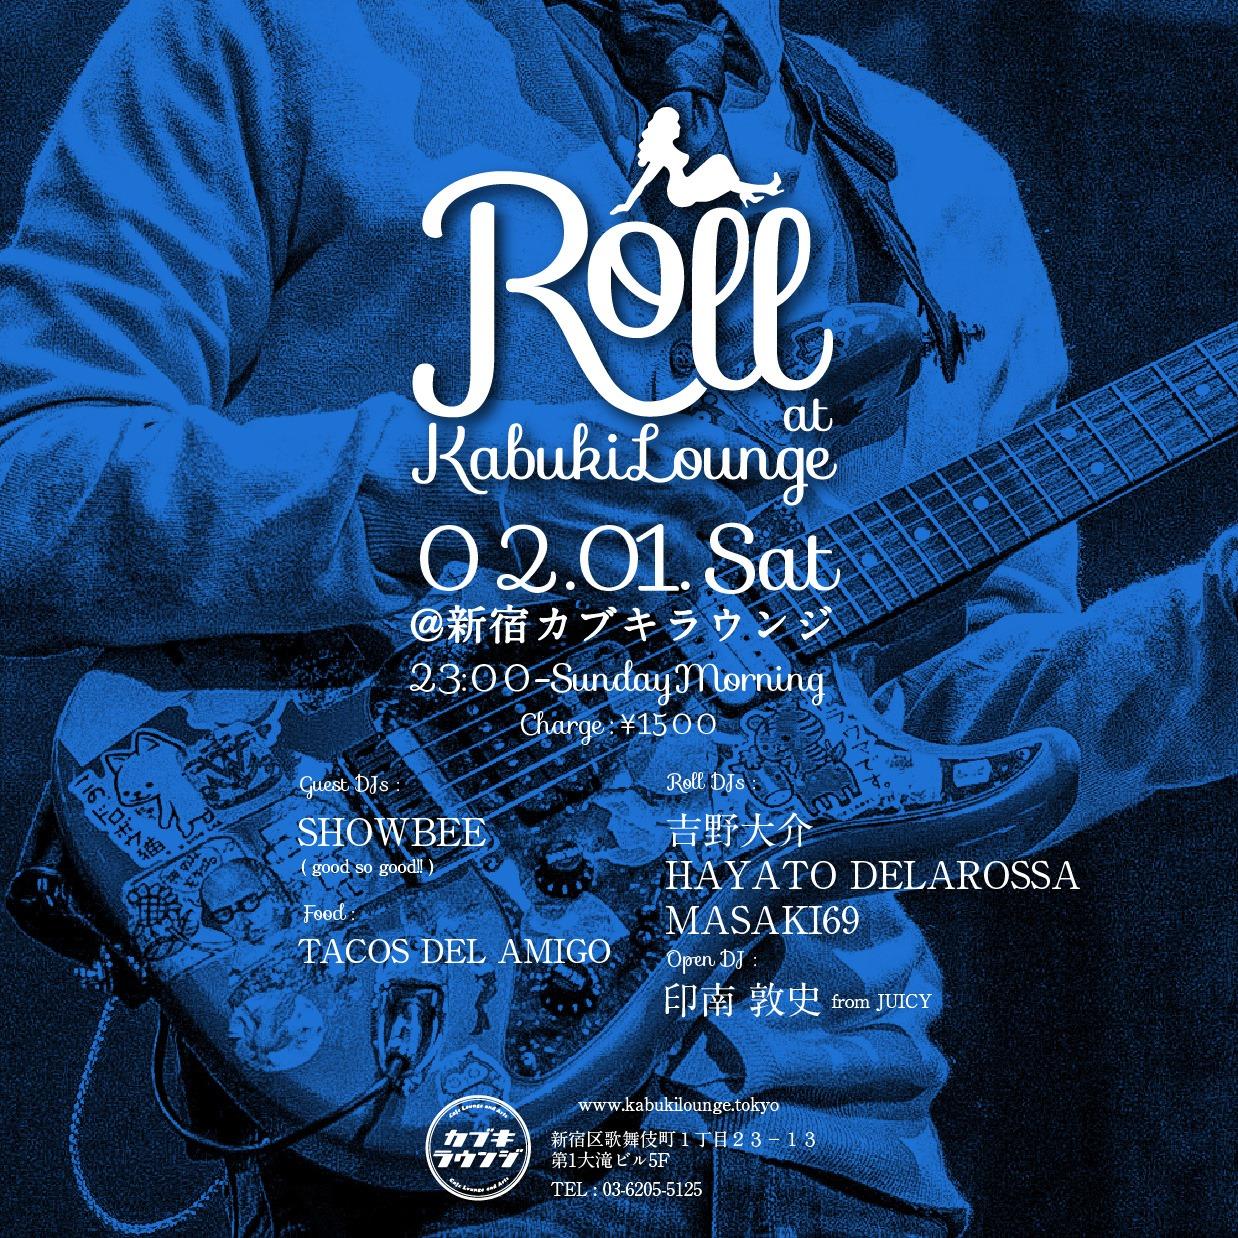 2020.02.01 Roll @新宿カブキラウンジ